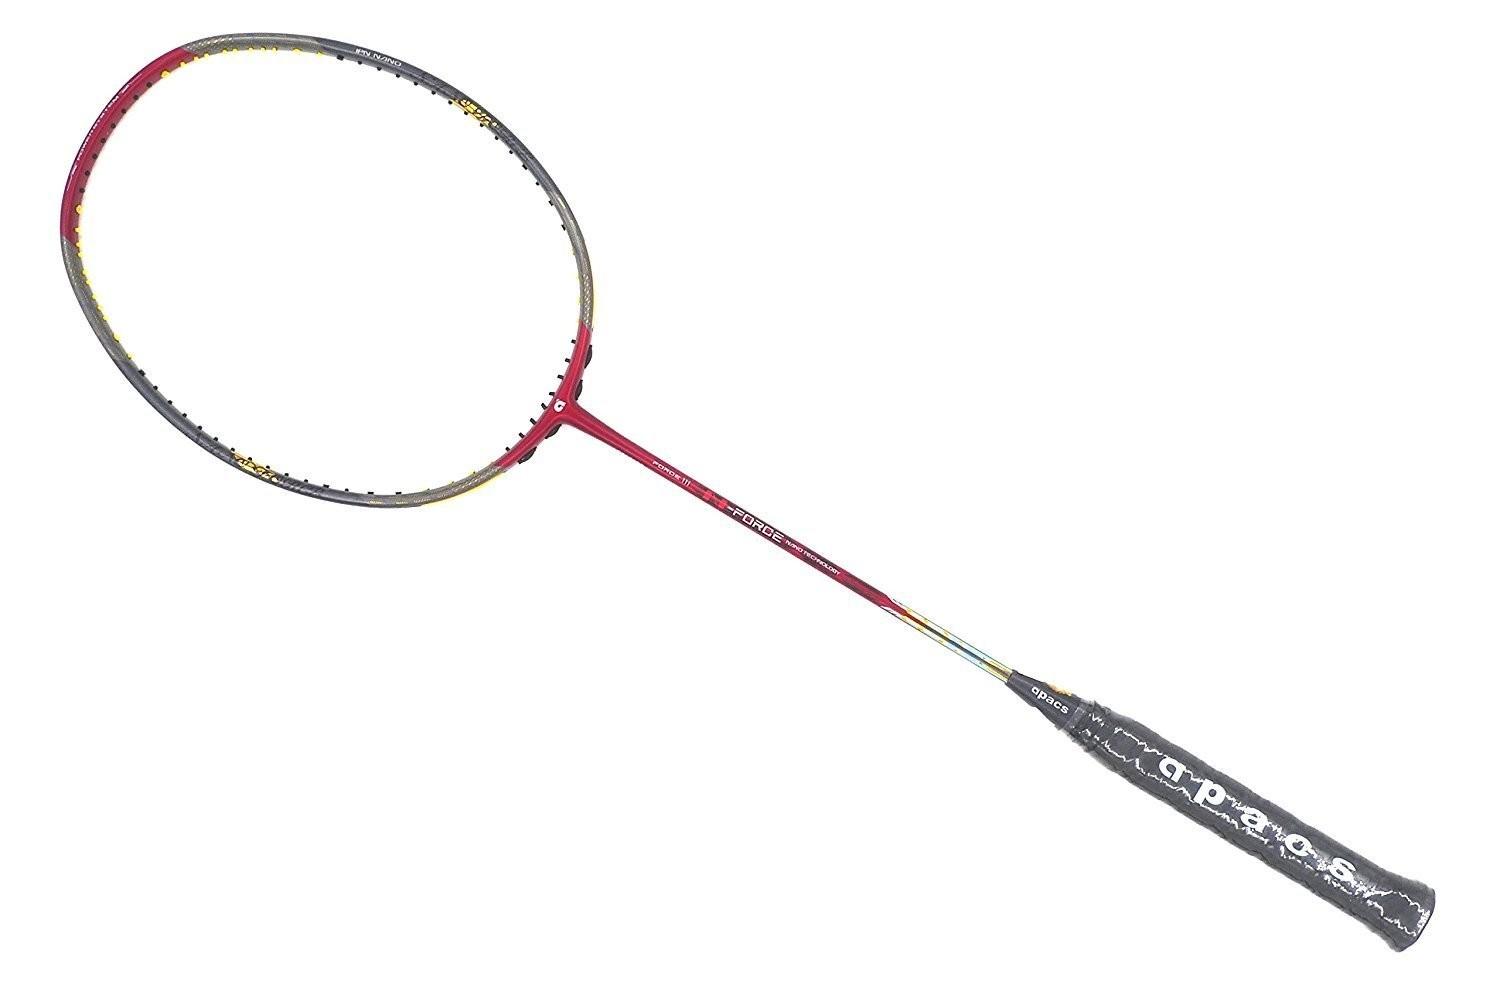 Apacs N Force III Badminton Racquet